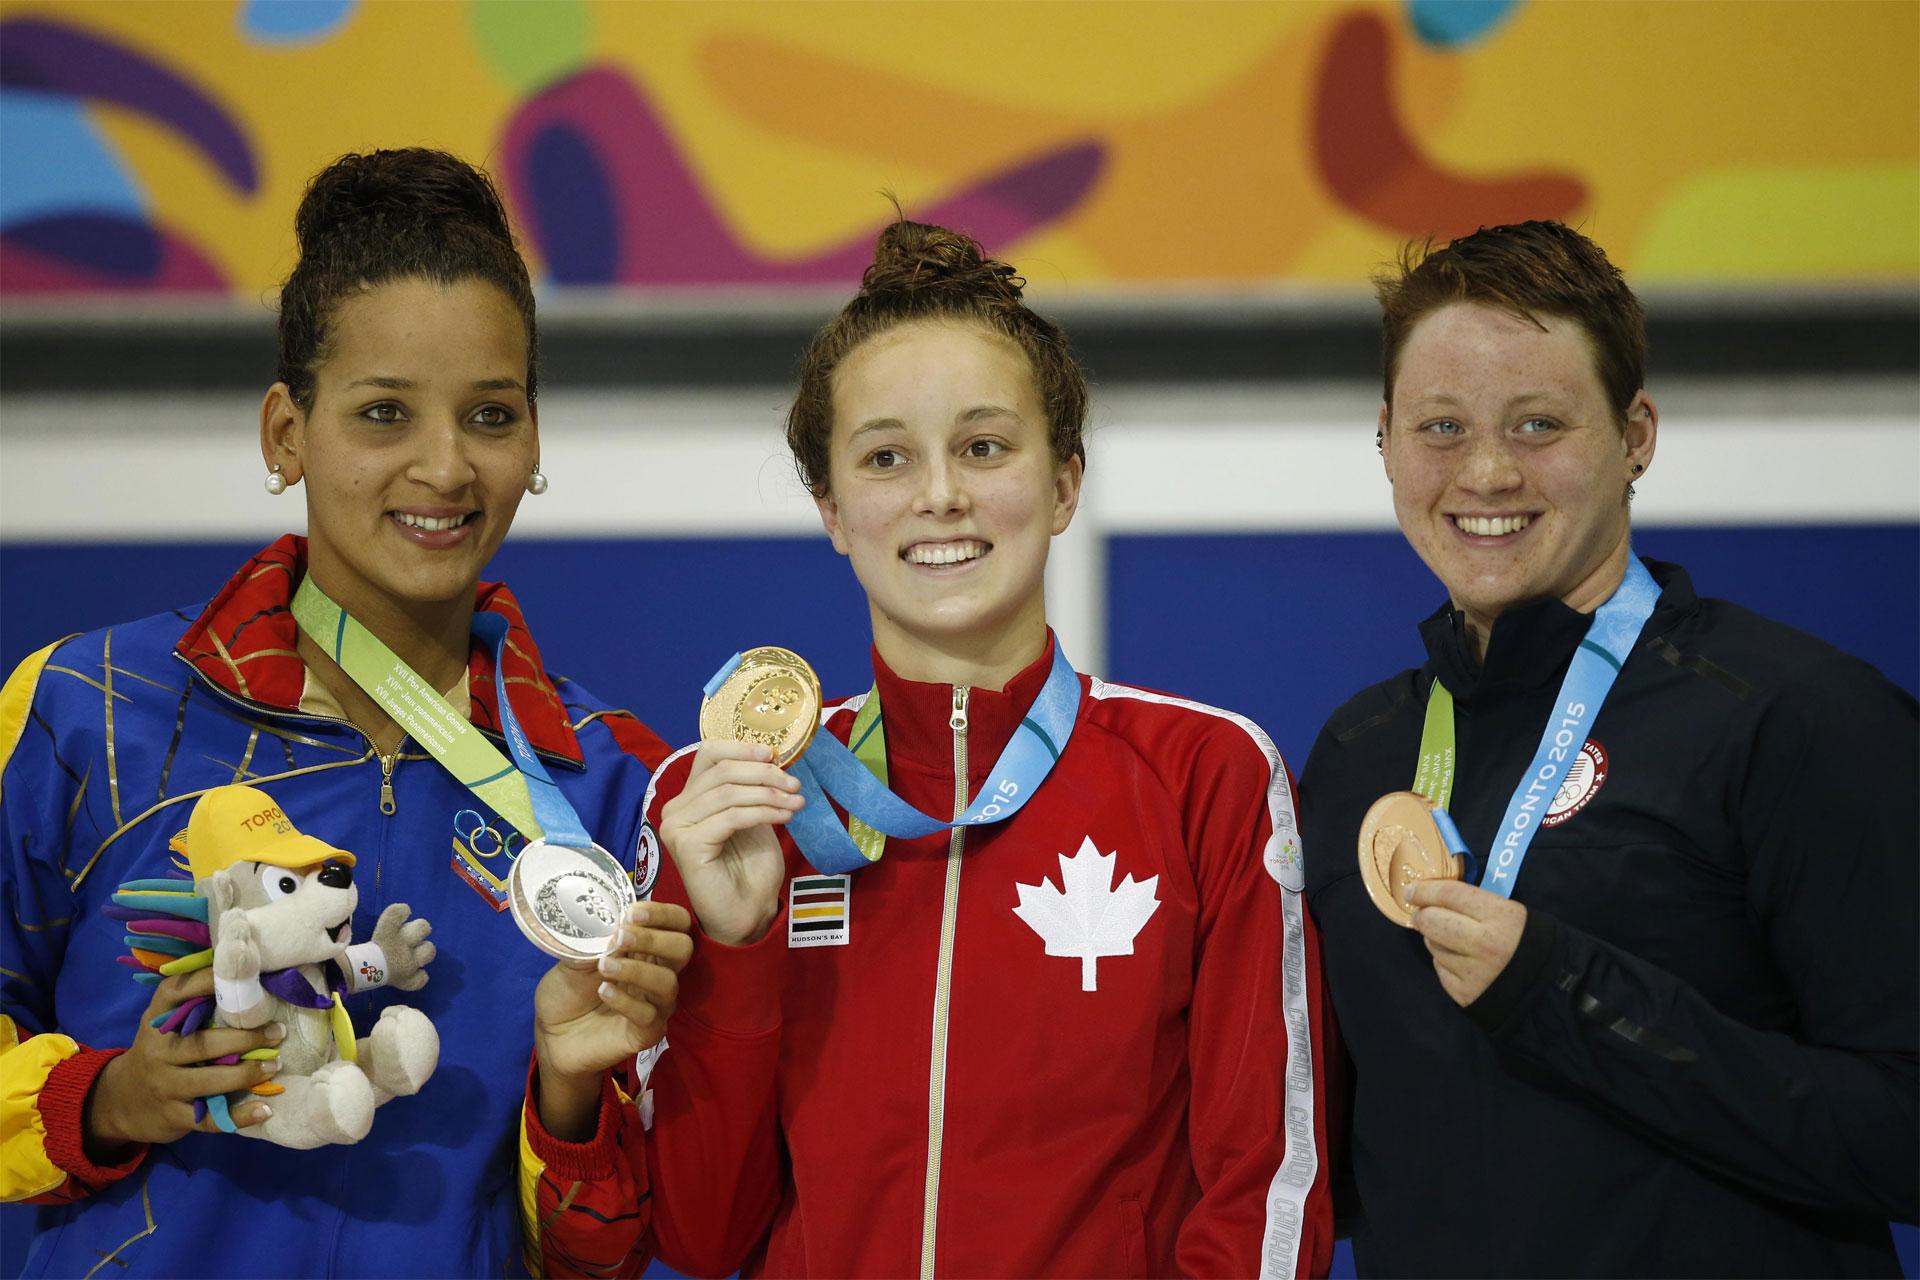 La nadadora concluyó en 4:08.67 en la piscina del Centro Acuático de Toronto